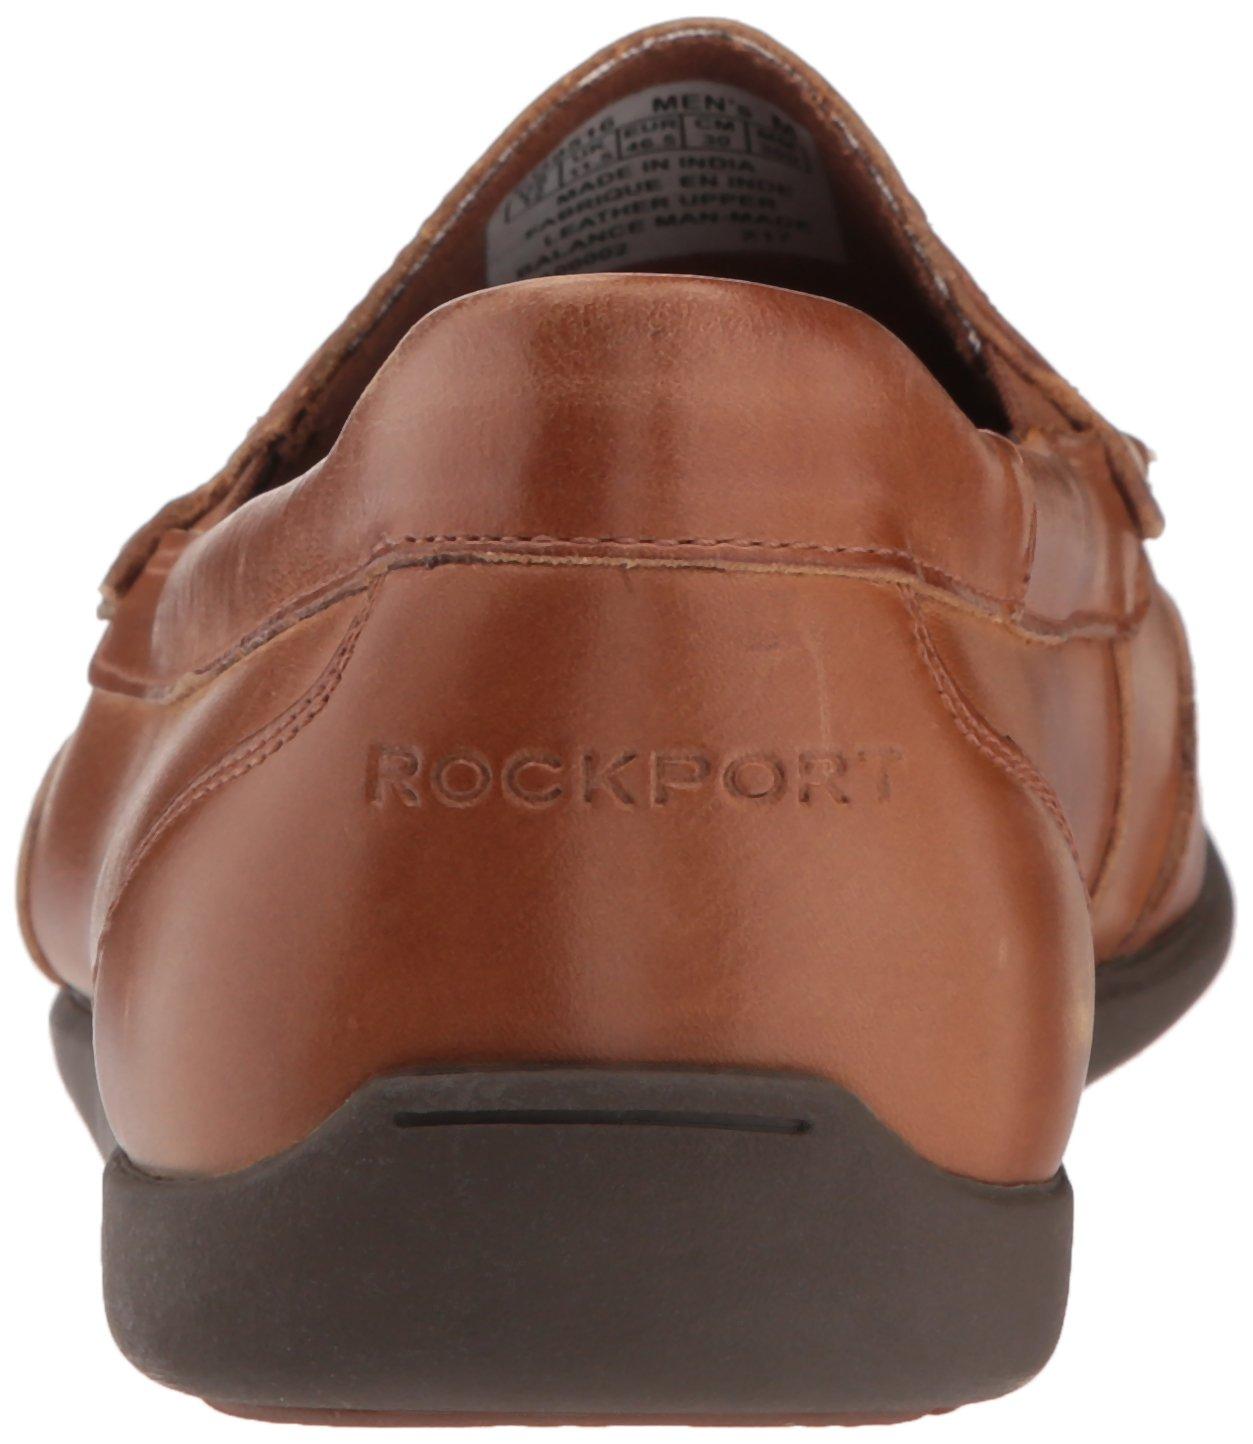 Rockport Men's Moccasin Bennett Lane 4 Venetian B073HHQ1PX Moccasin Men's 281f28